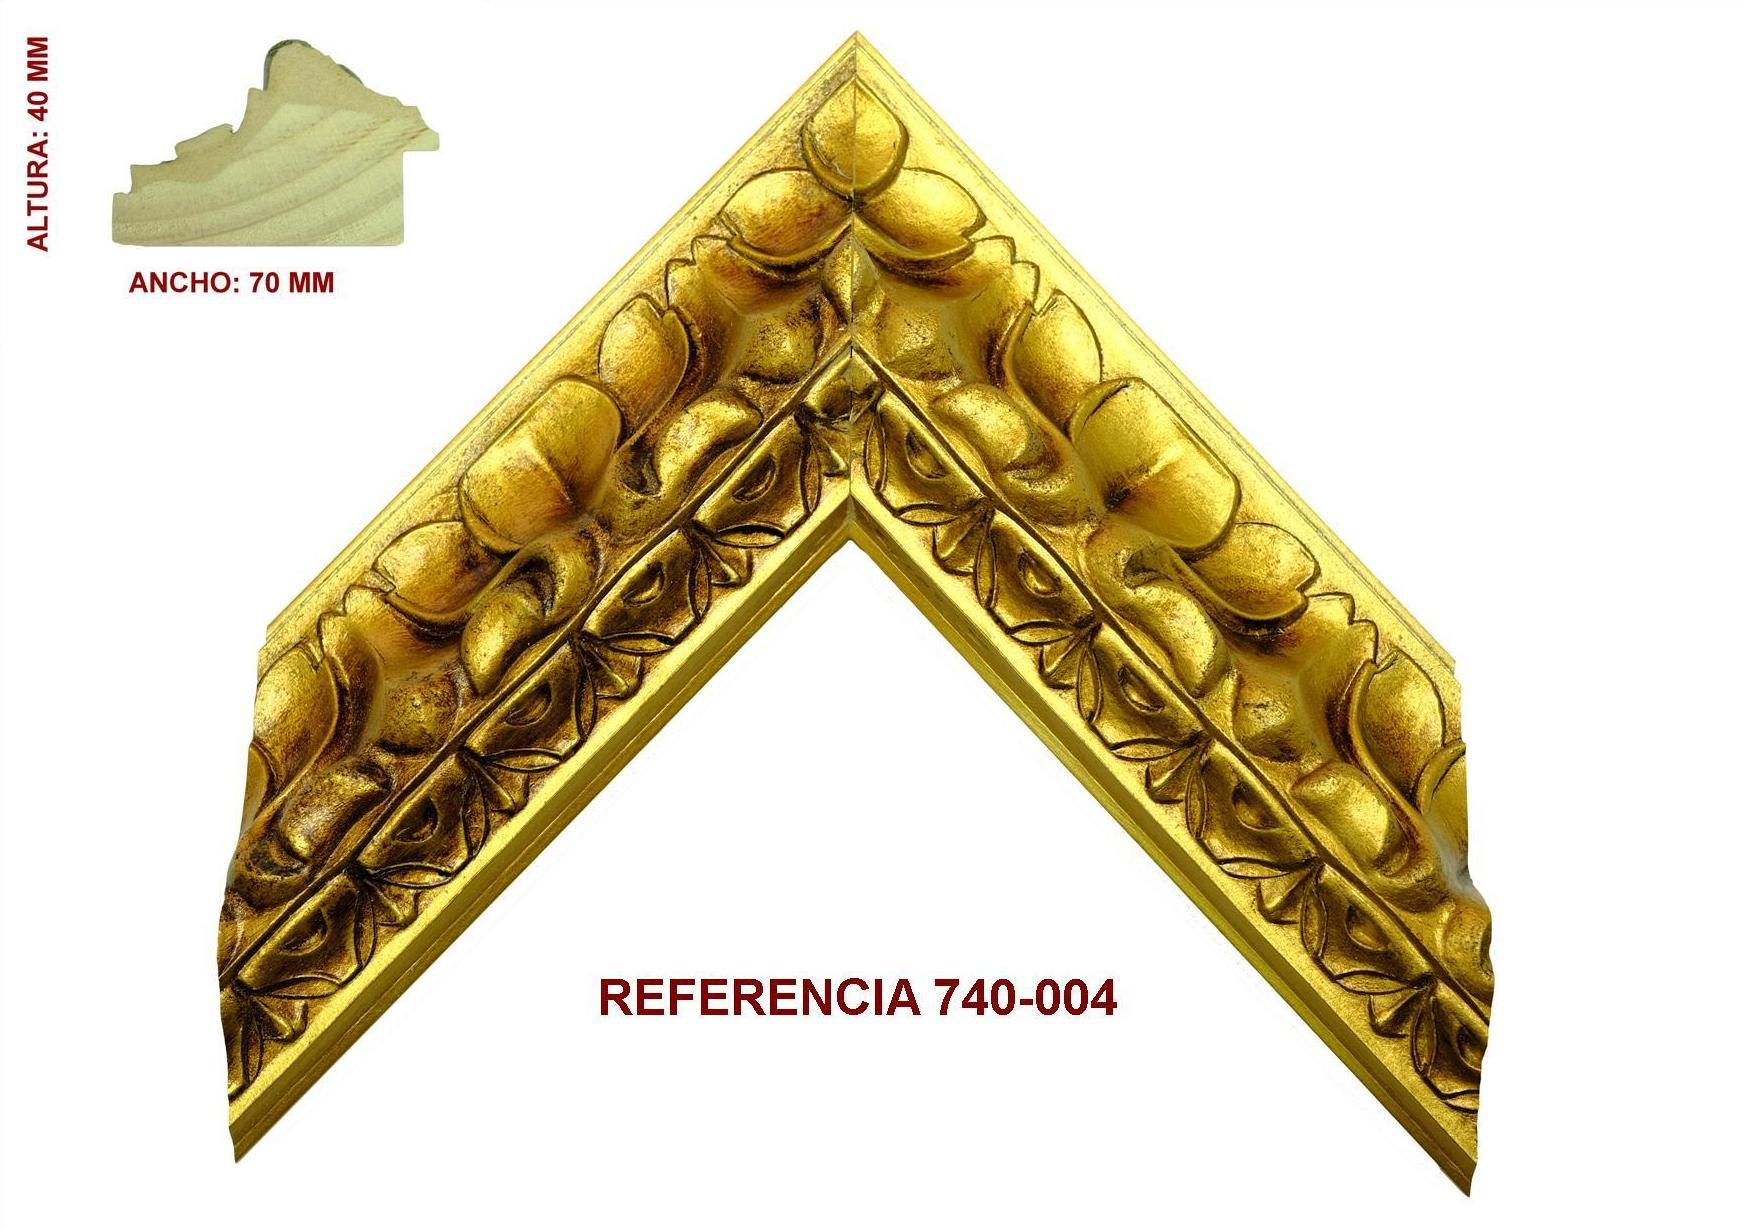 REF 740- 004: Muestrario de Moldusevilla